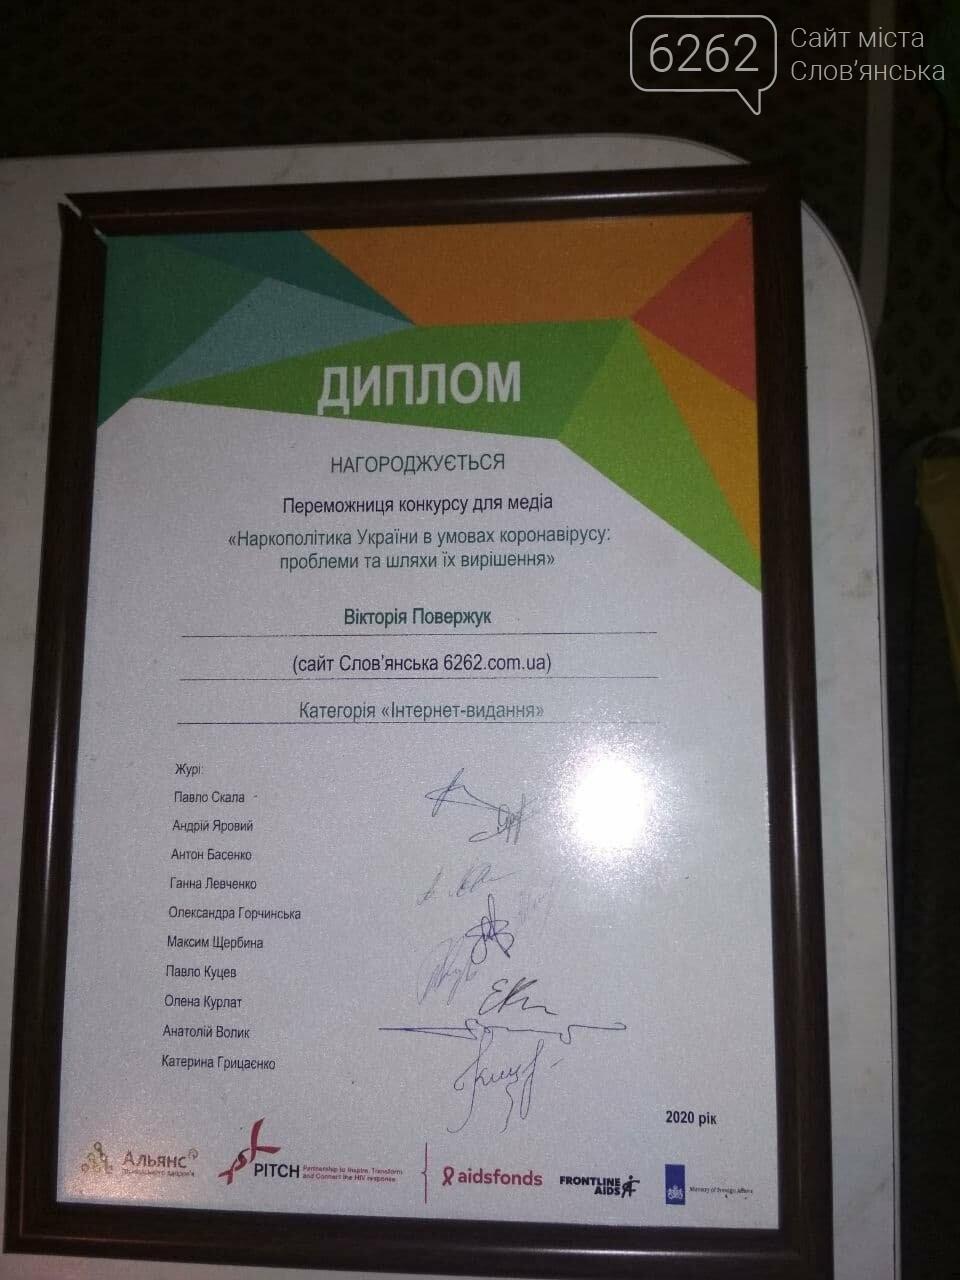 Журналістка 6262 Вікторія Повержук стала переможницею Всеукраїнського конкурсу , фото-1